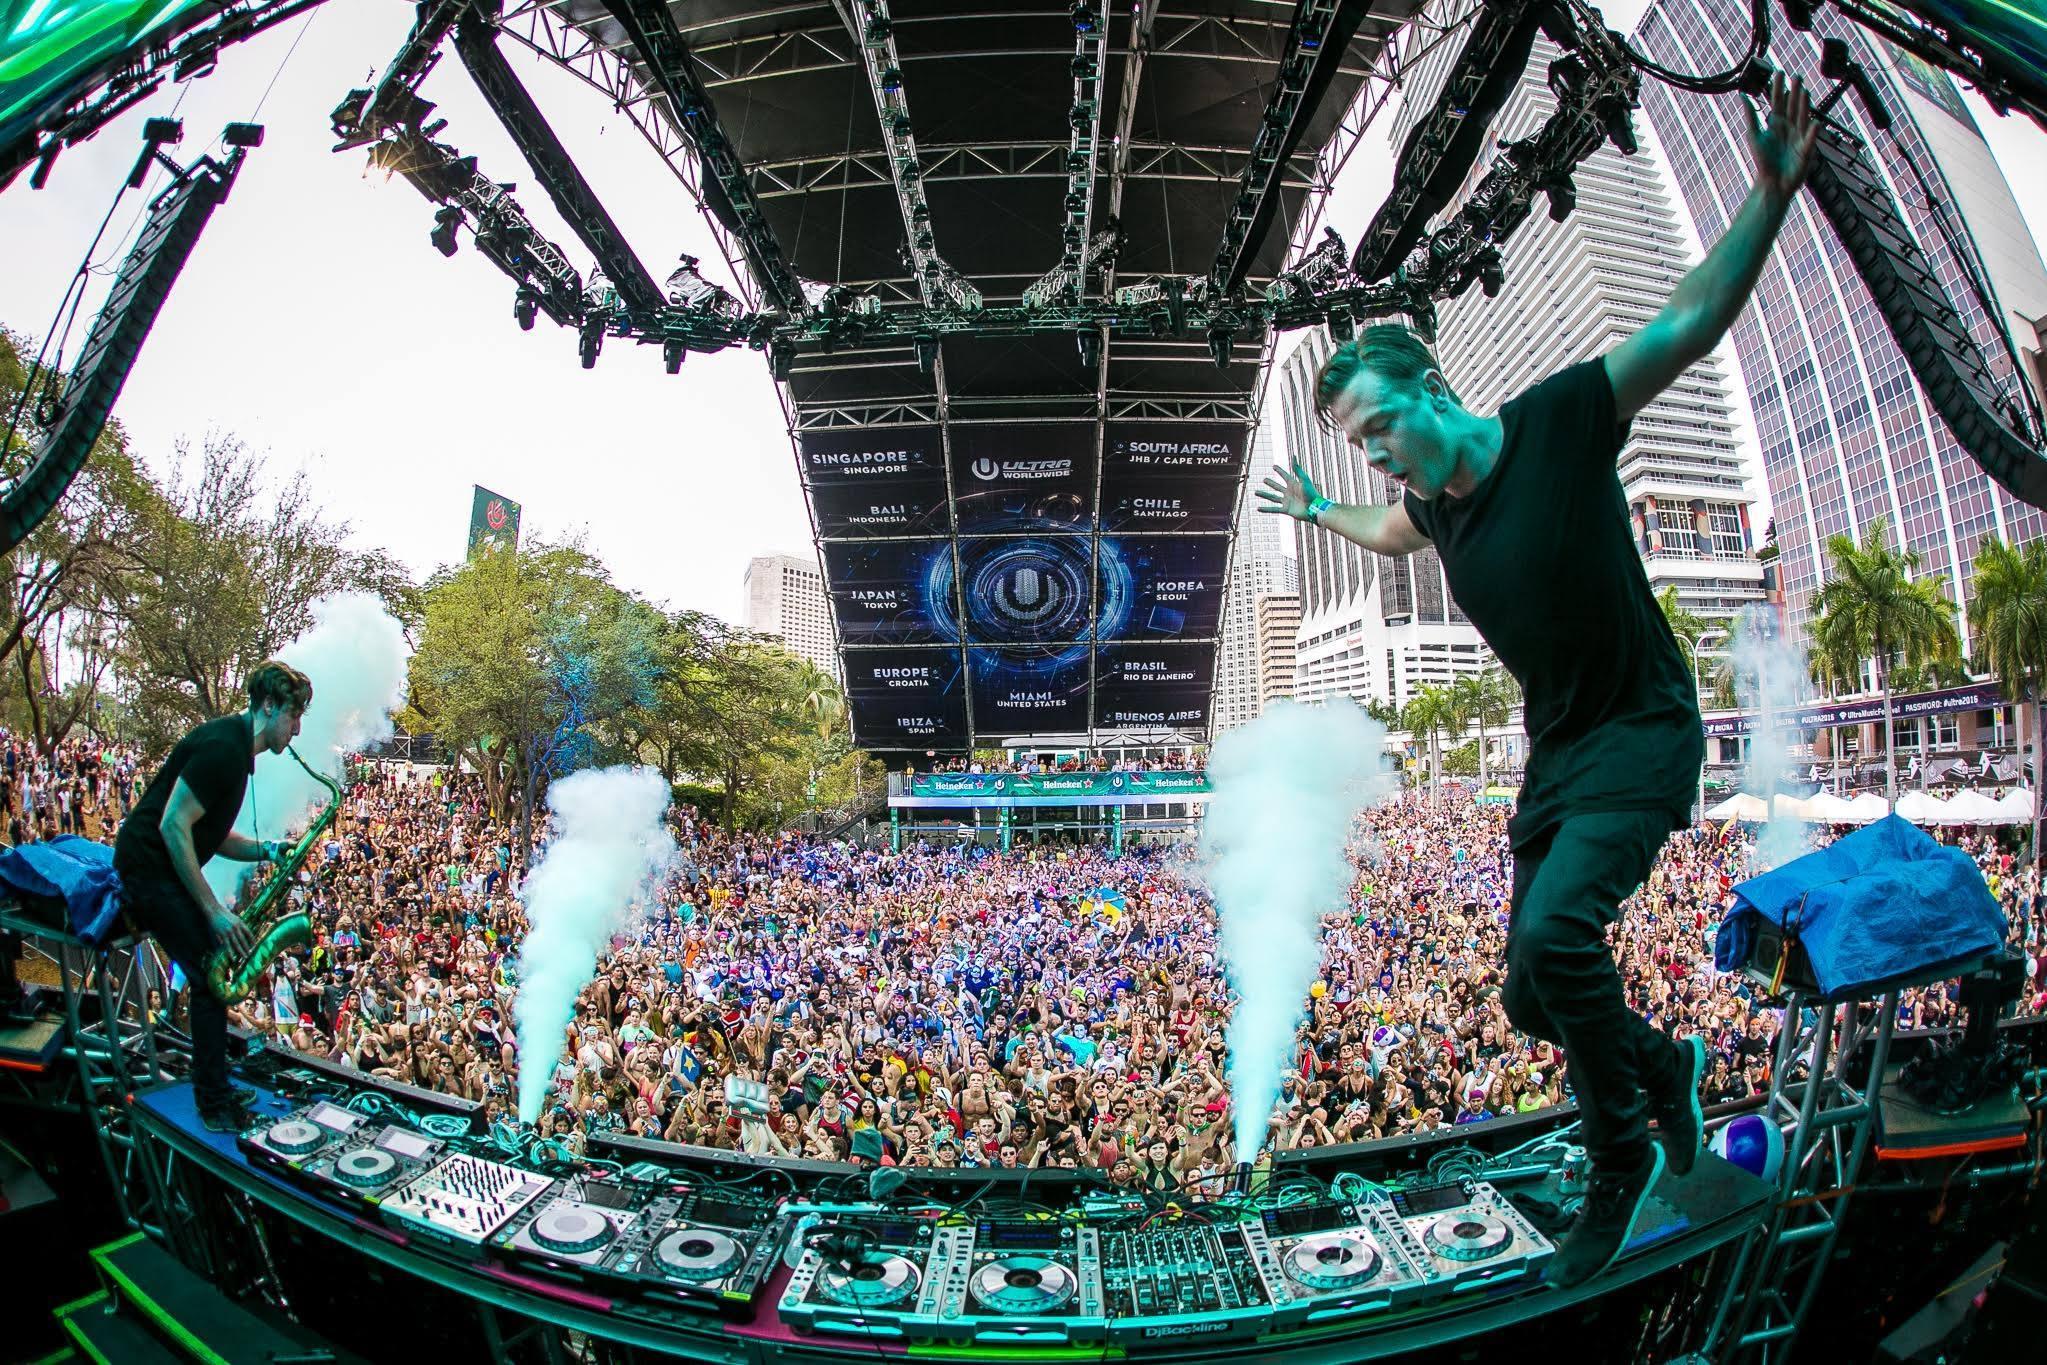 Sam Feldt Ultra Music Festival